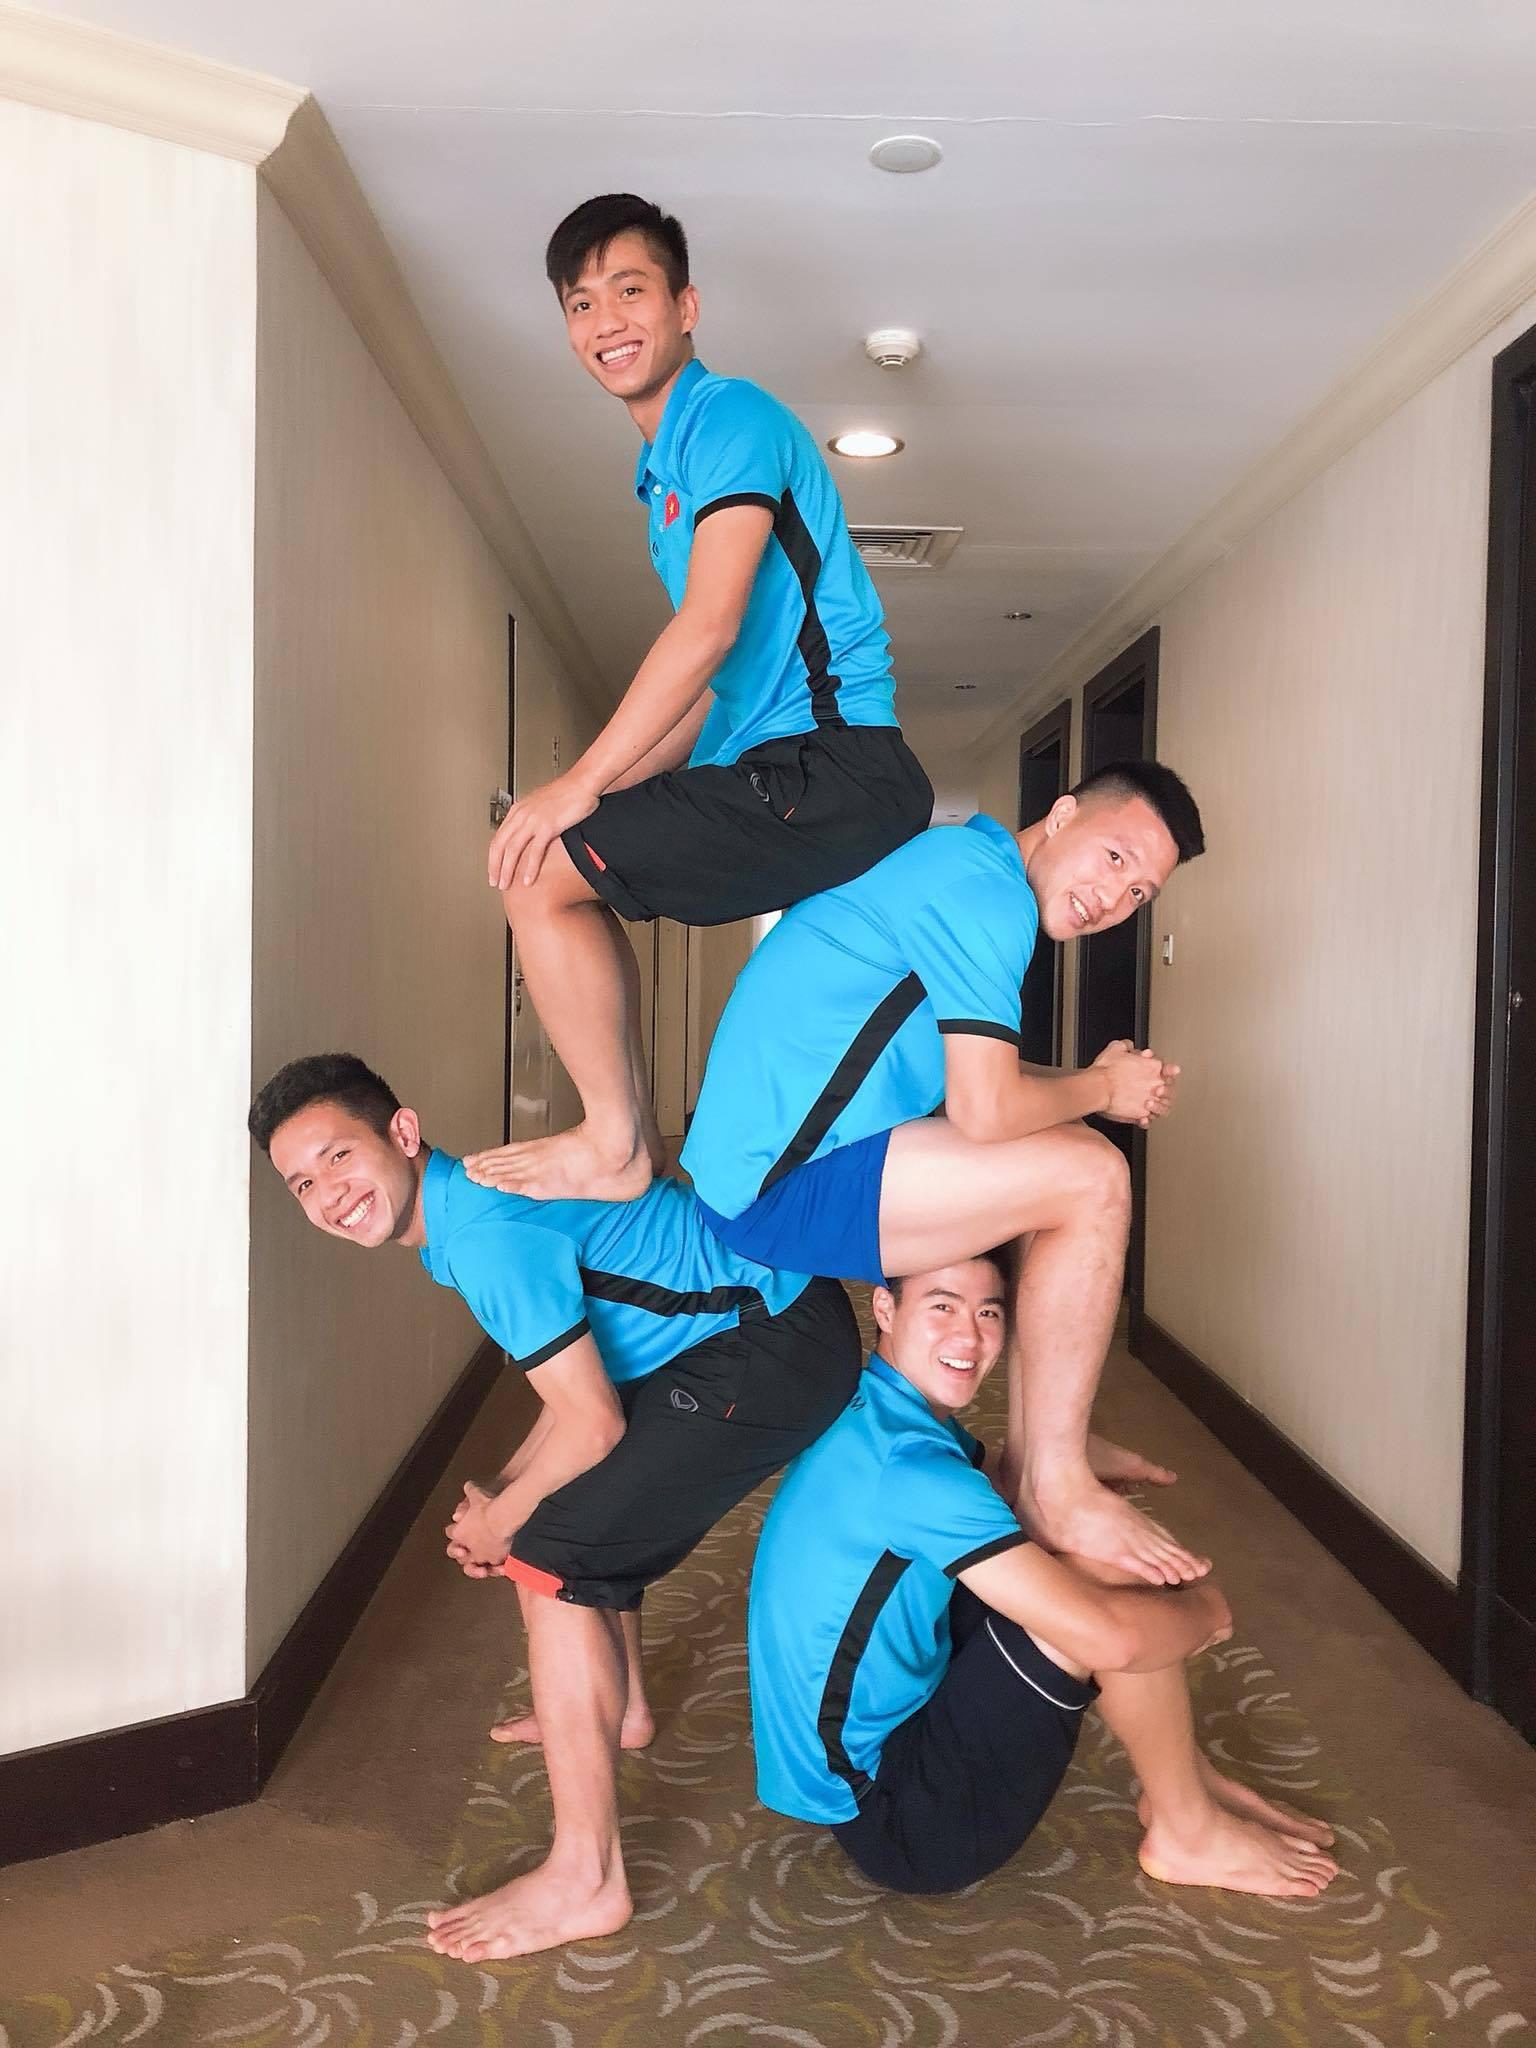 Đu trend giỏi nhất hiện nay không ai khác chính là các hot cầu thủ đội tuyển bóng đá Việt - Ảnh 1.